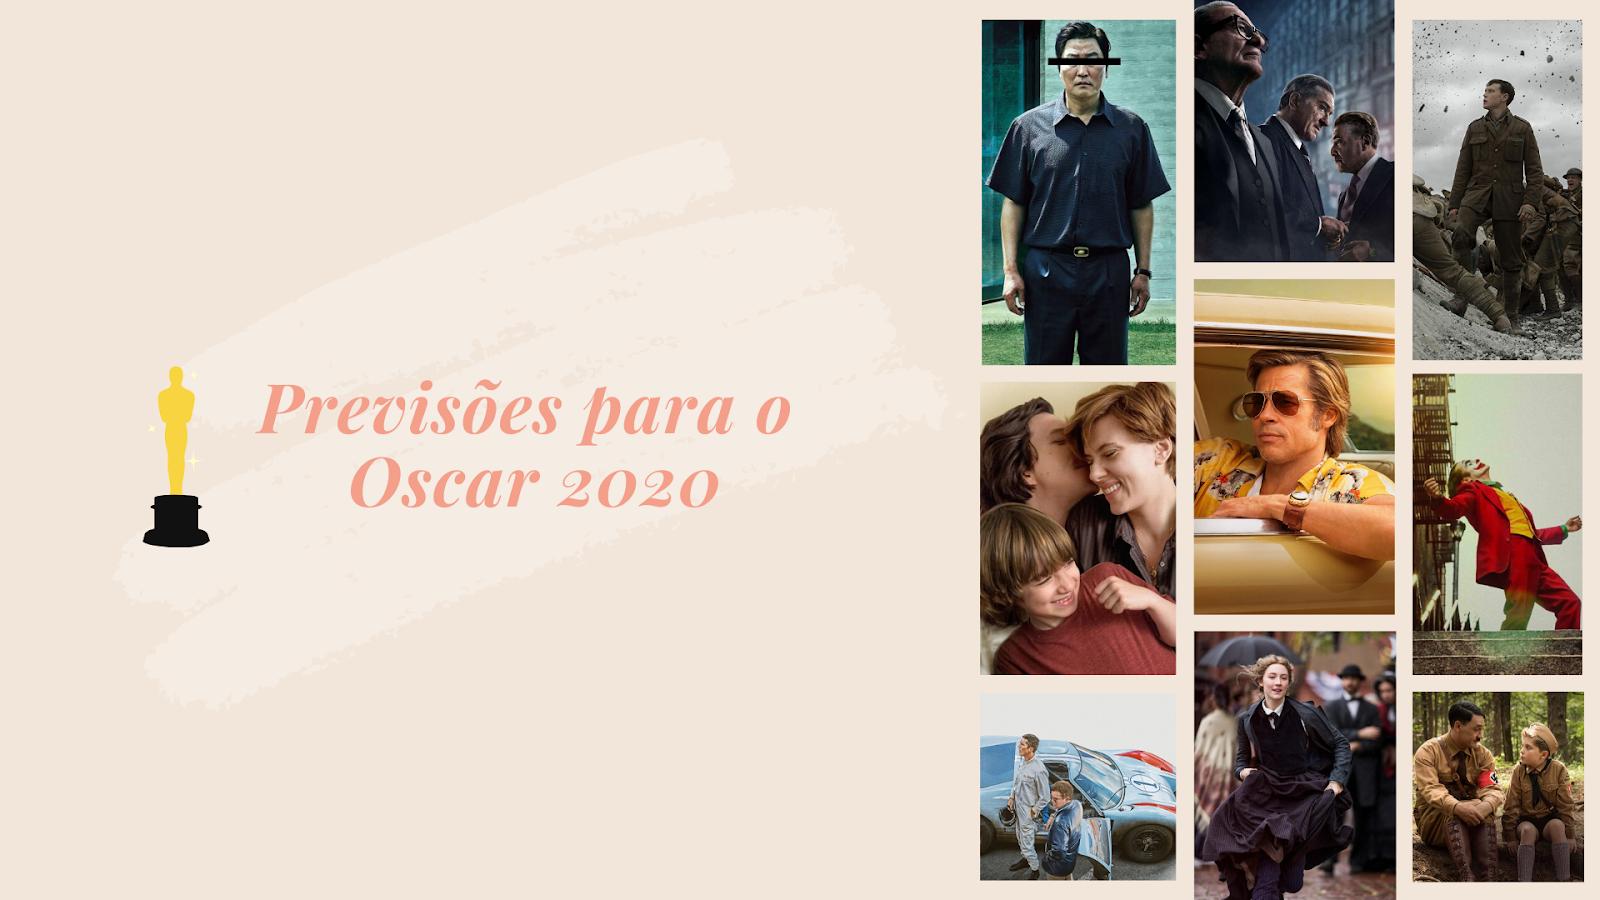 Previsões para o Oscar 2020 - Pensando Por Aí